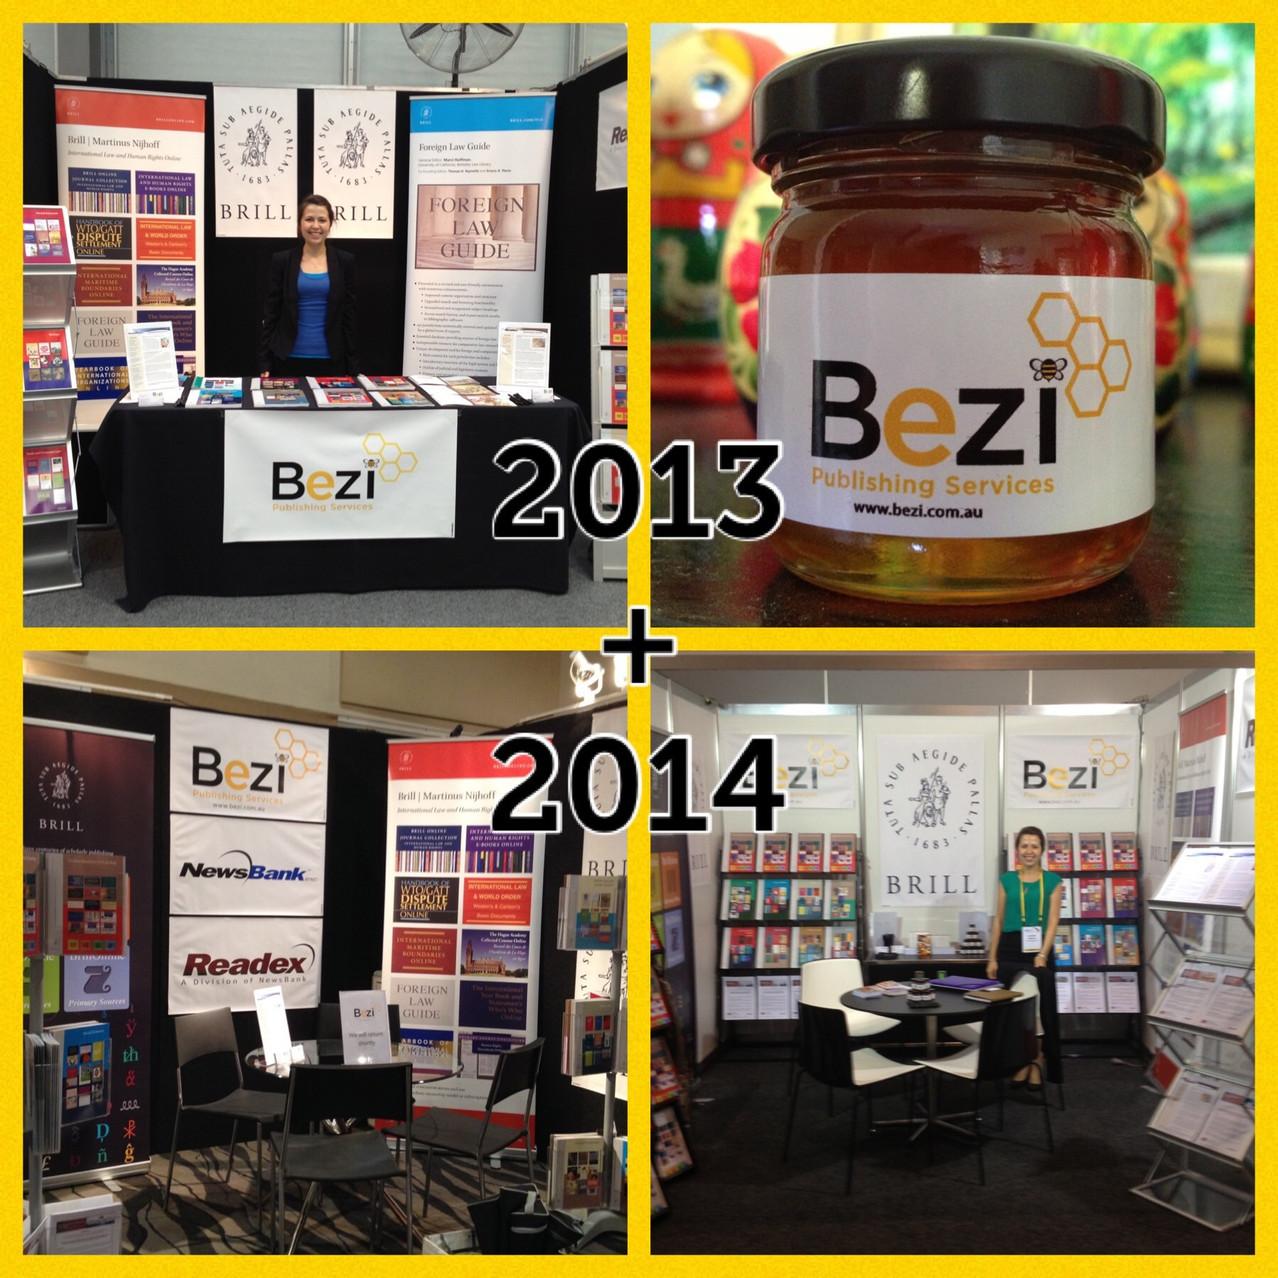 Scenes from LIANZA 2013, VALA 2014 + LIANZA 2014